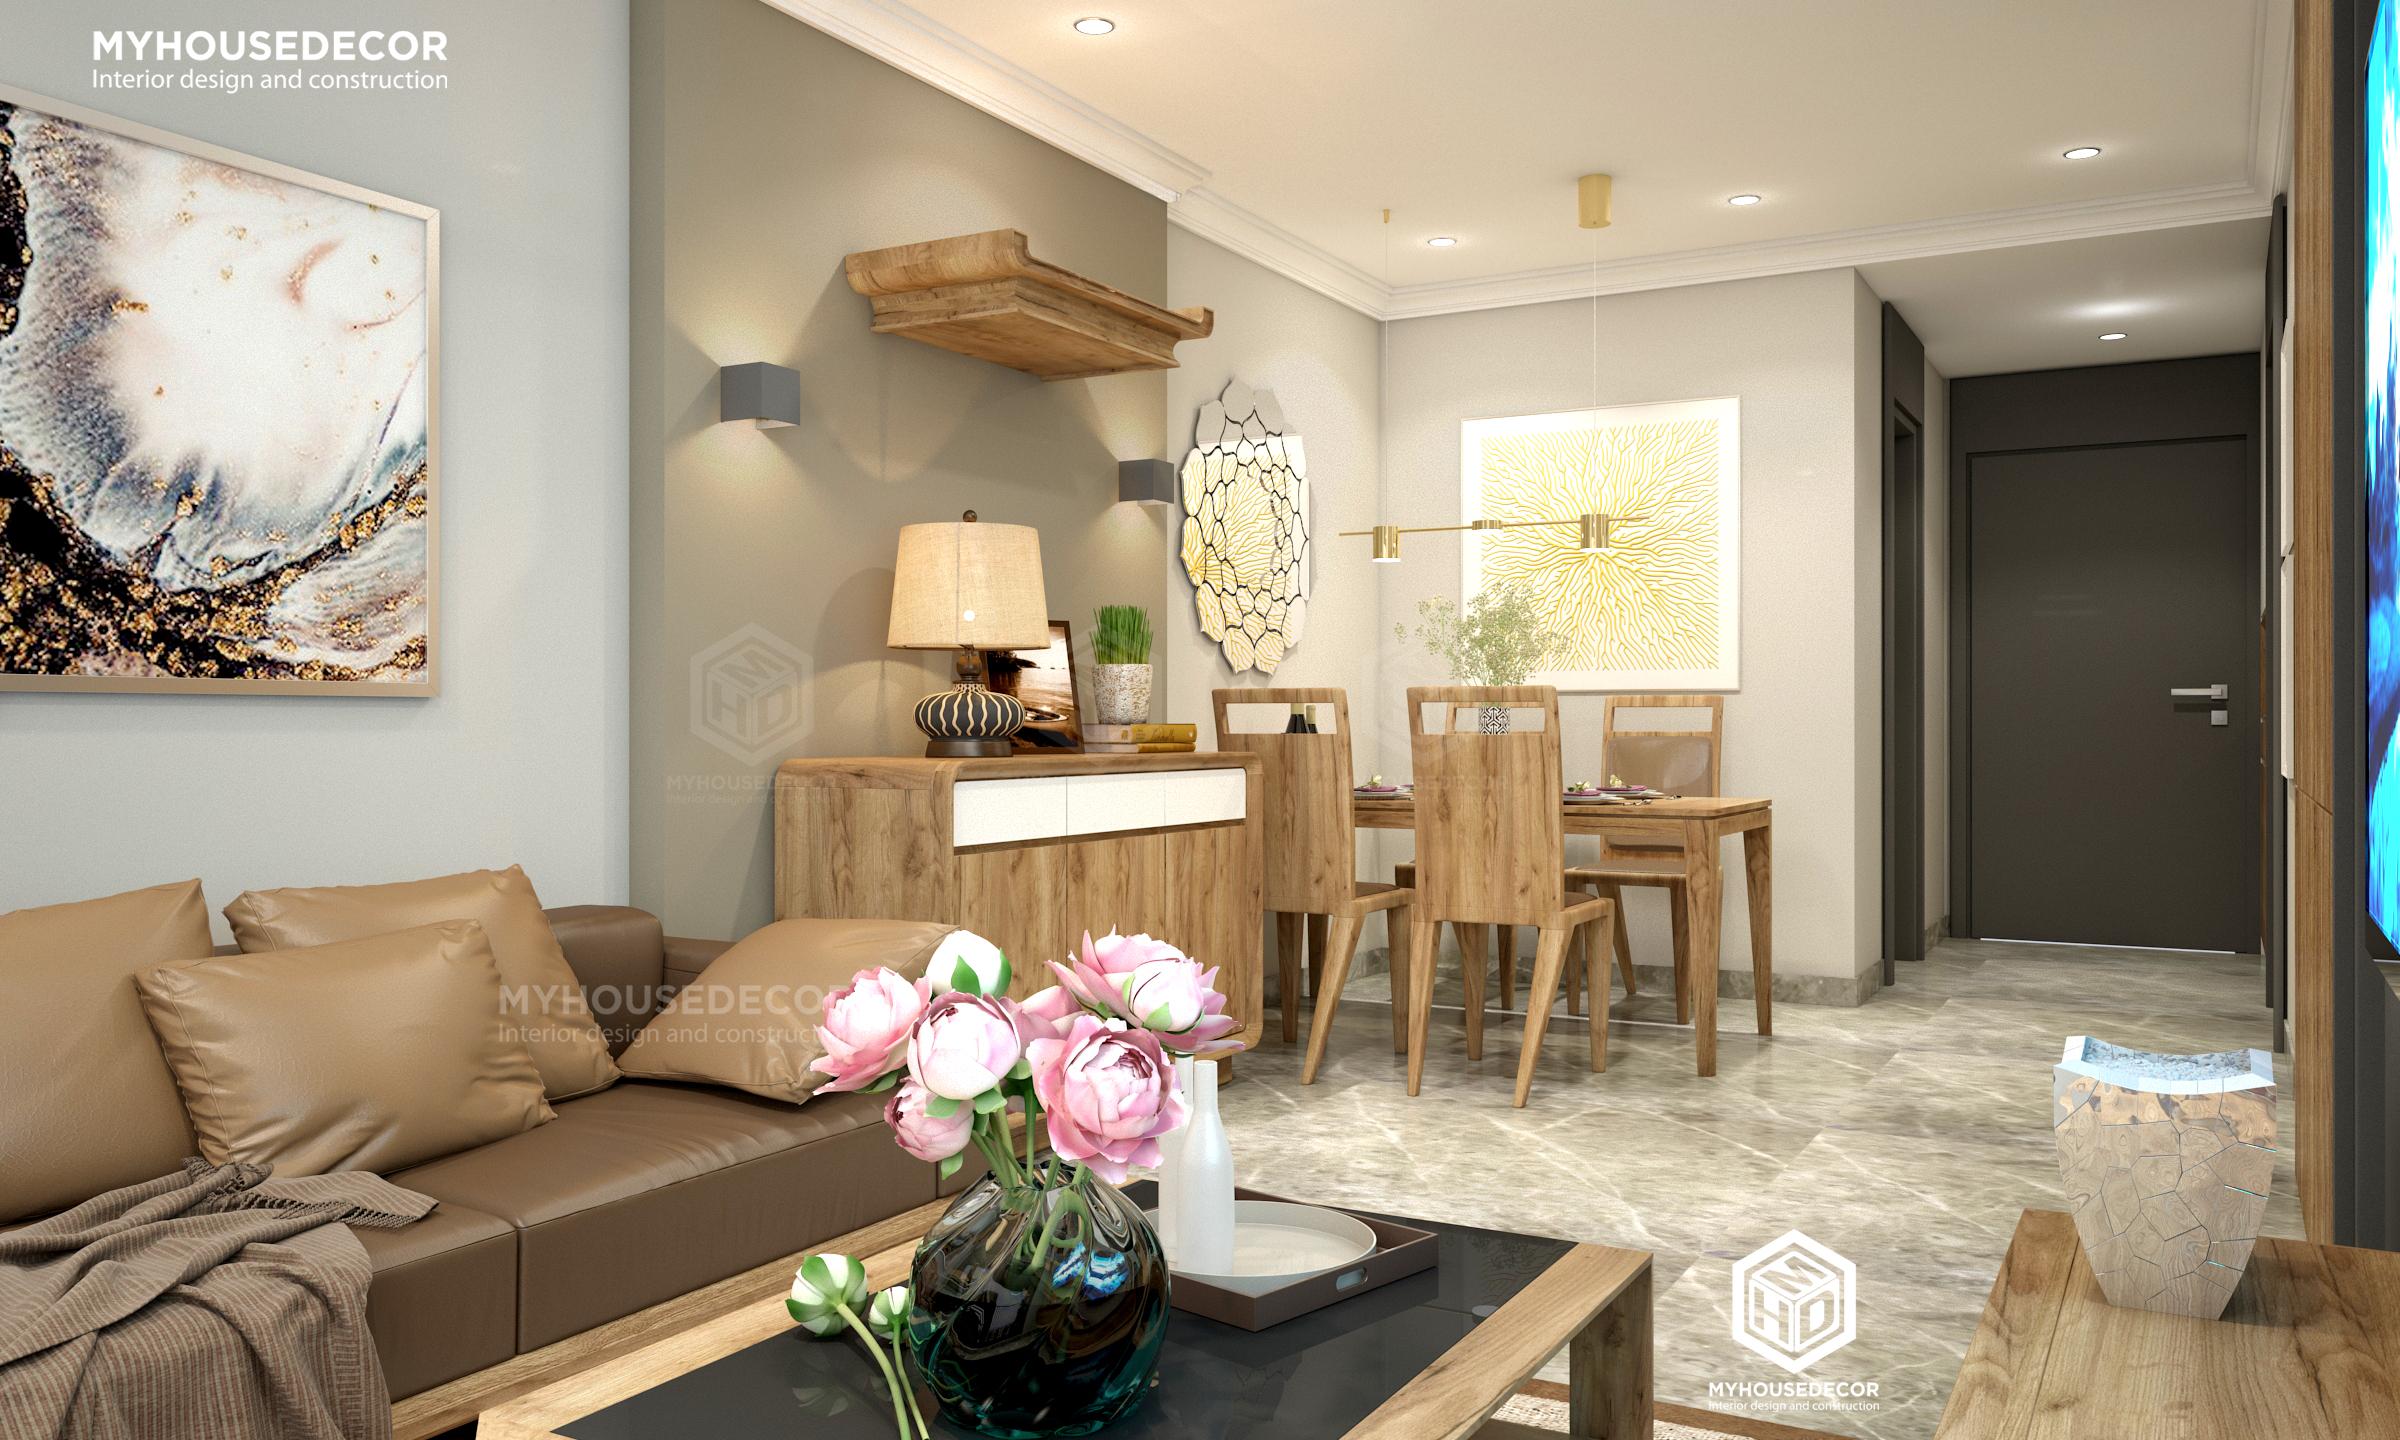 Nội thất chung cư cao cấp với gỗ sồi mỹ tự nhiên